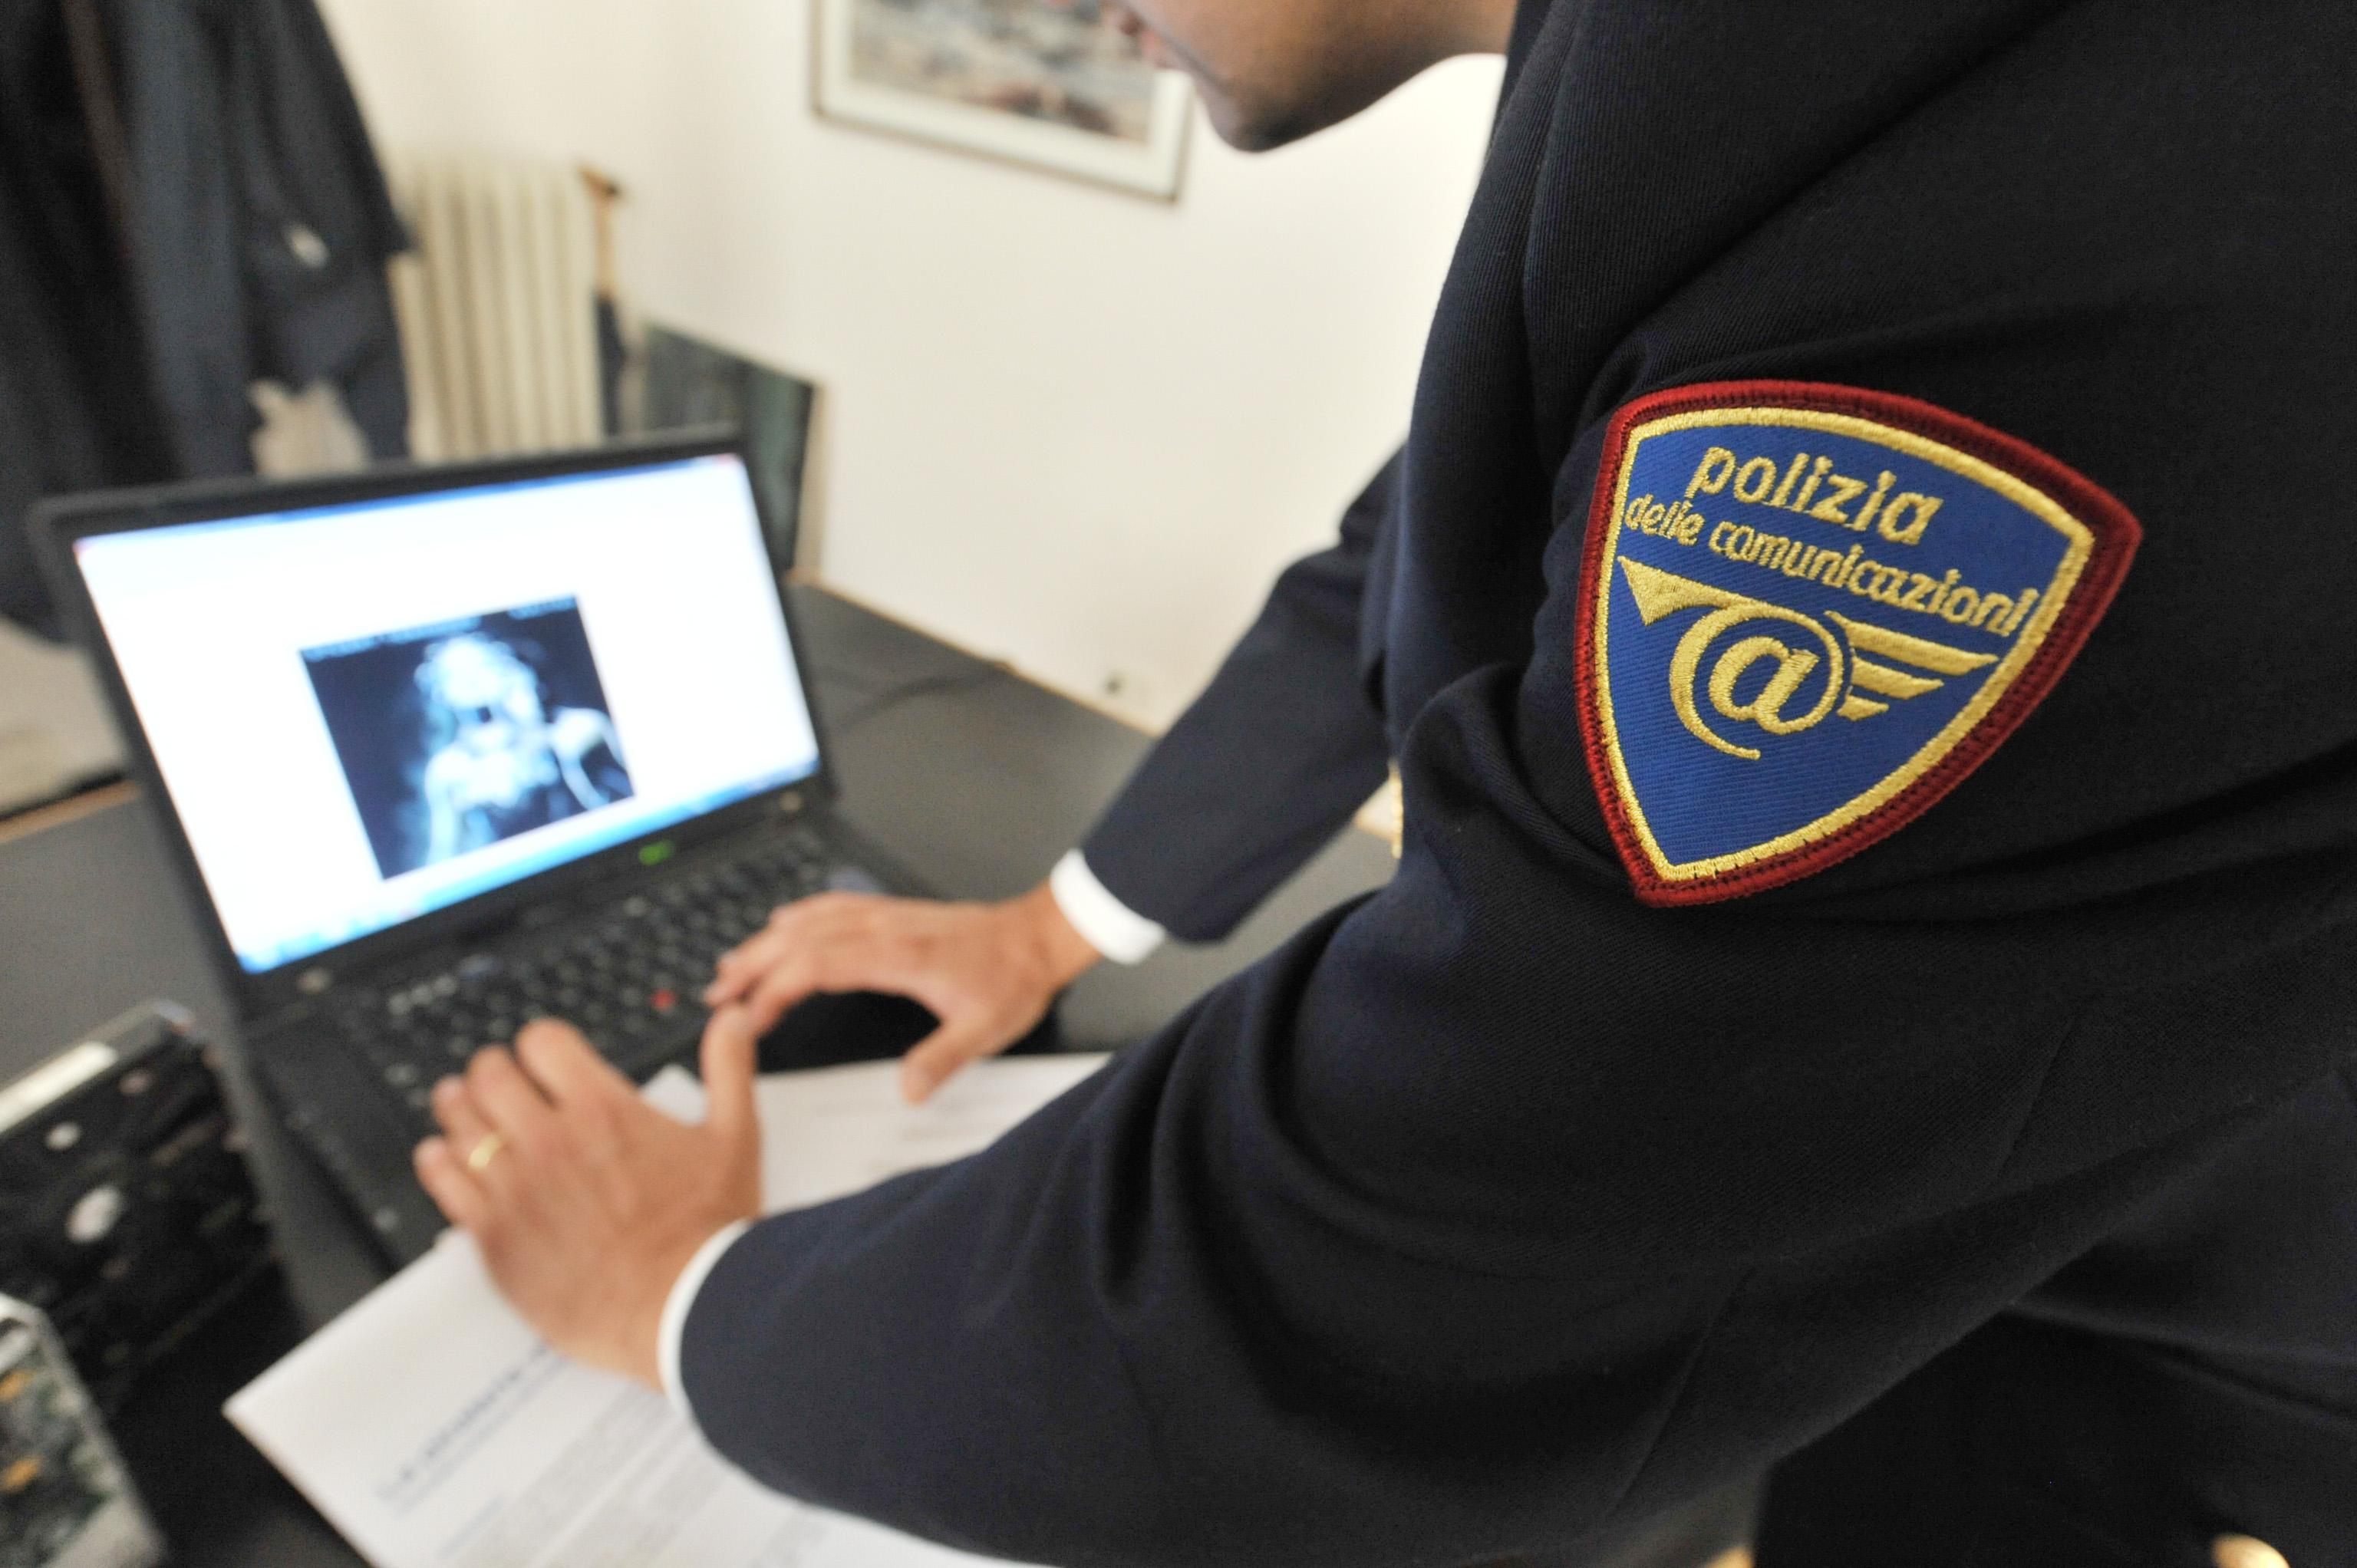 Conosciuti su facebook, torturava la compagna disabile: arrestato